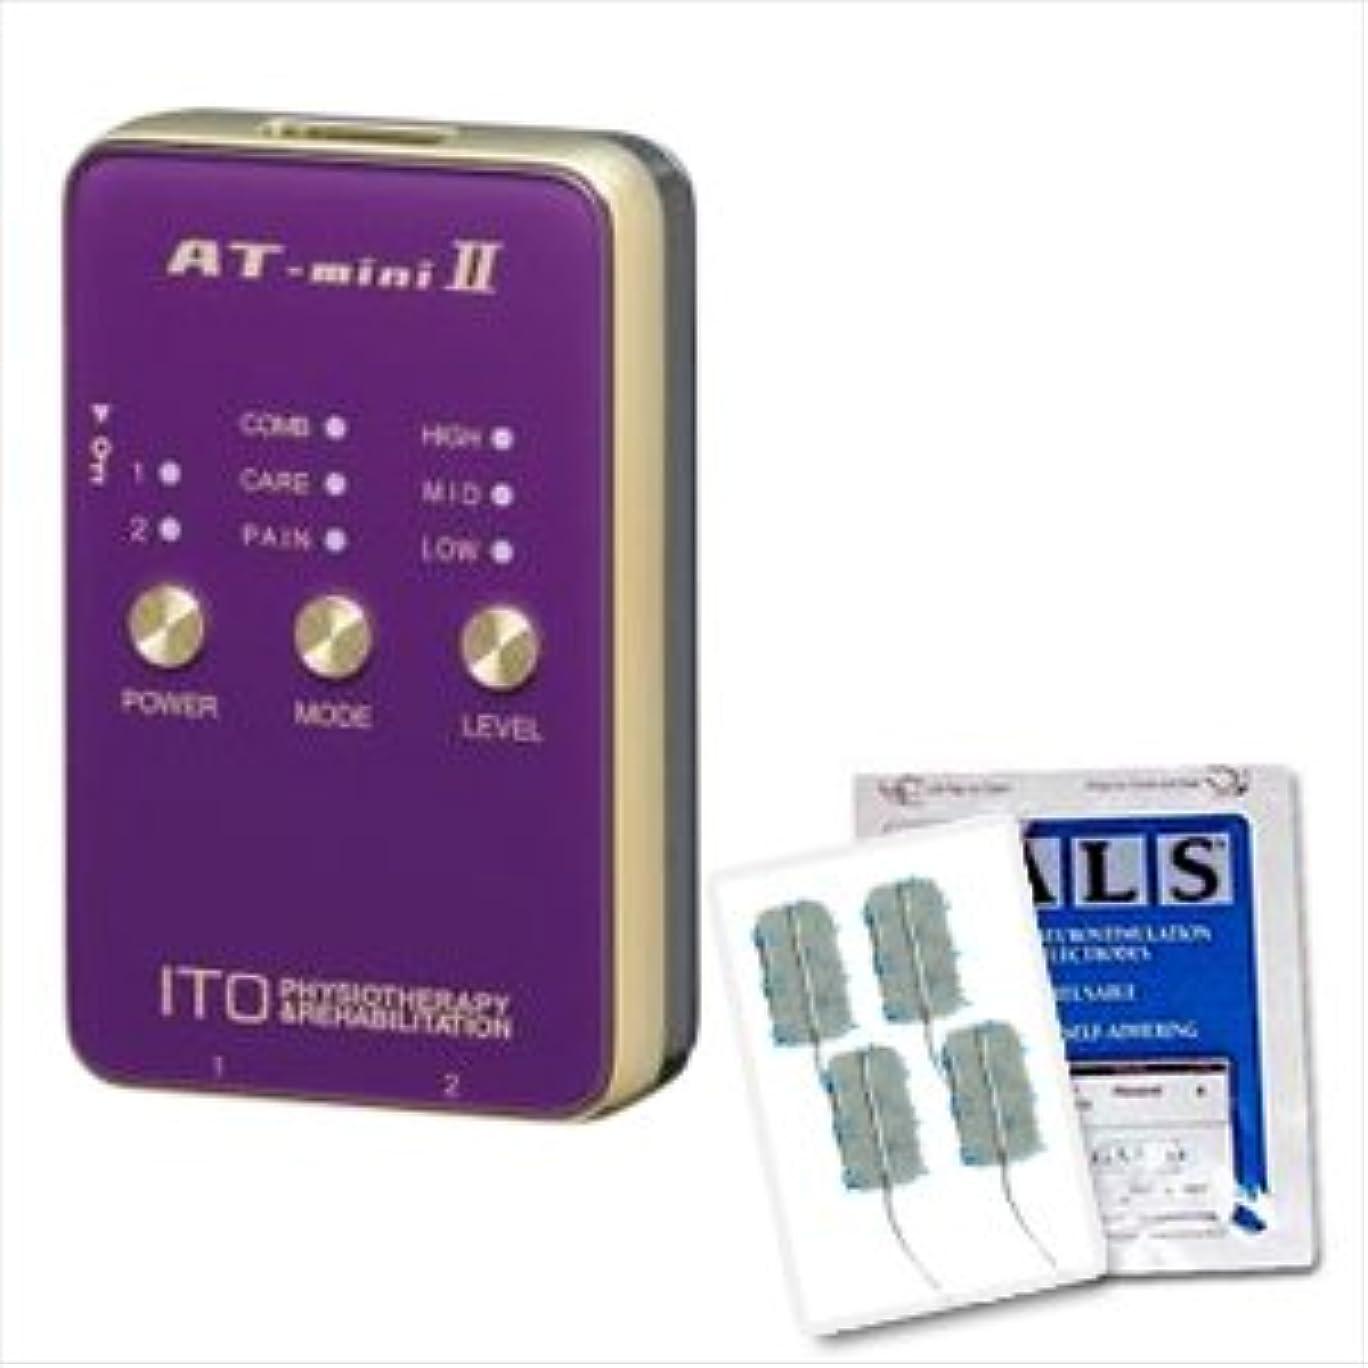 アパル苦しむモディッシュ低周波治療器 AT-mini II パープル +アクセルガードLサイズ(5x9cm:1袋4枚入)セット